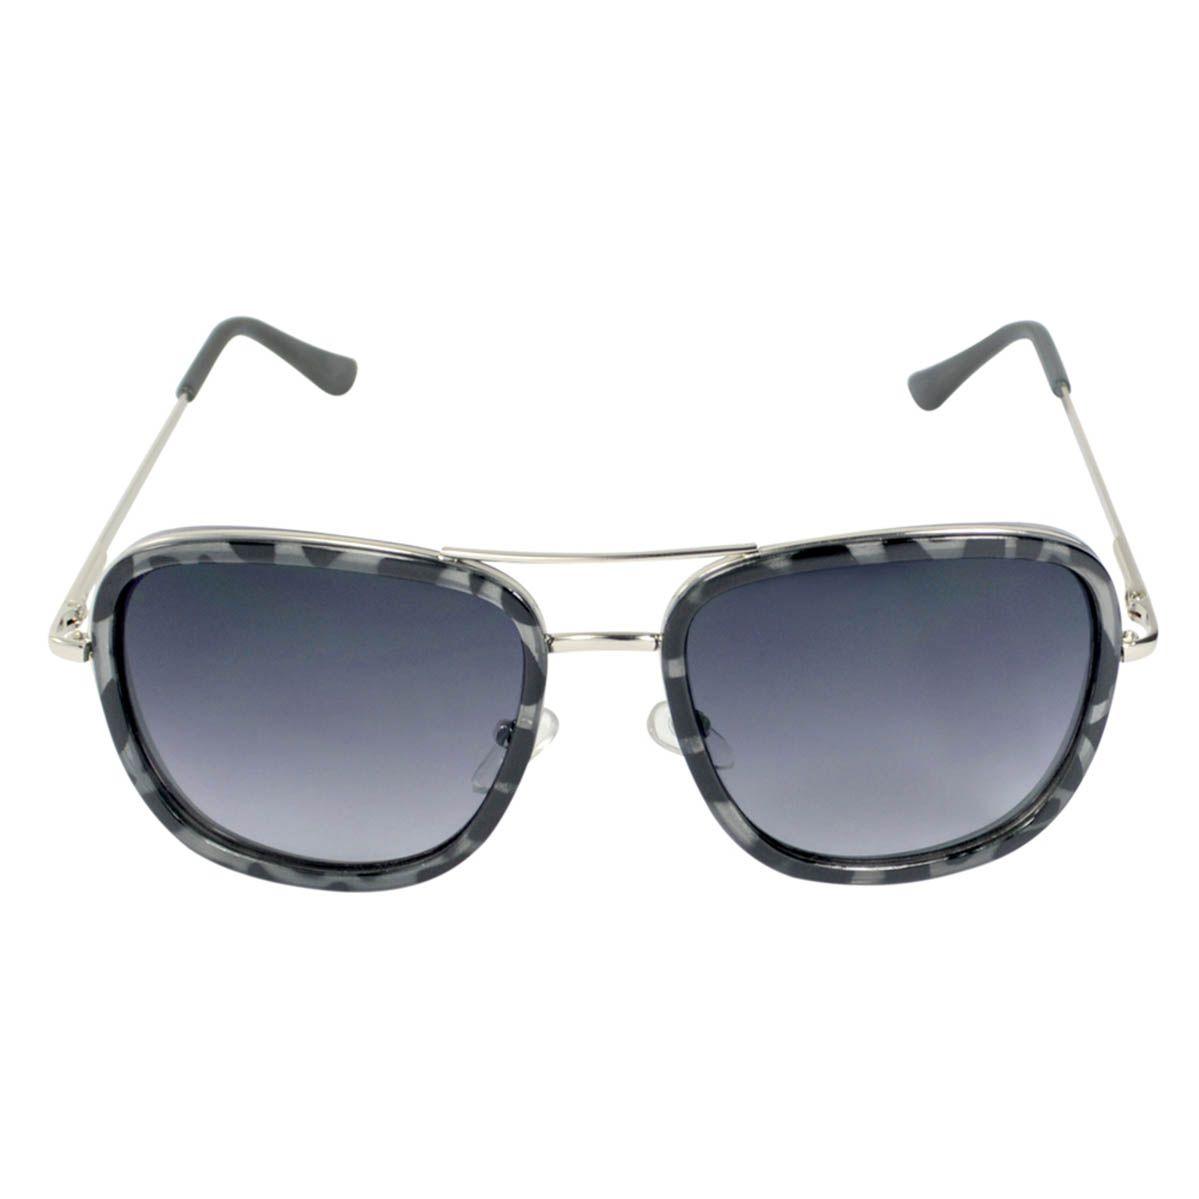 Óculos de Sol Mackage AMKP 15003-4 - Preto